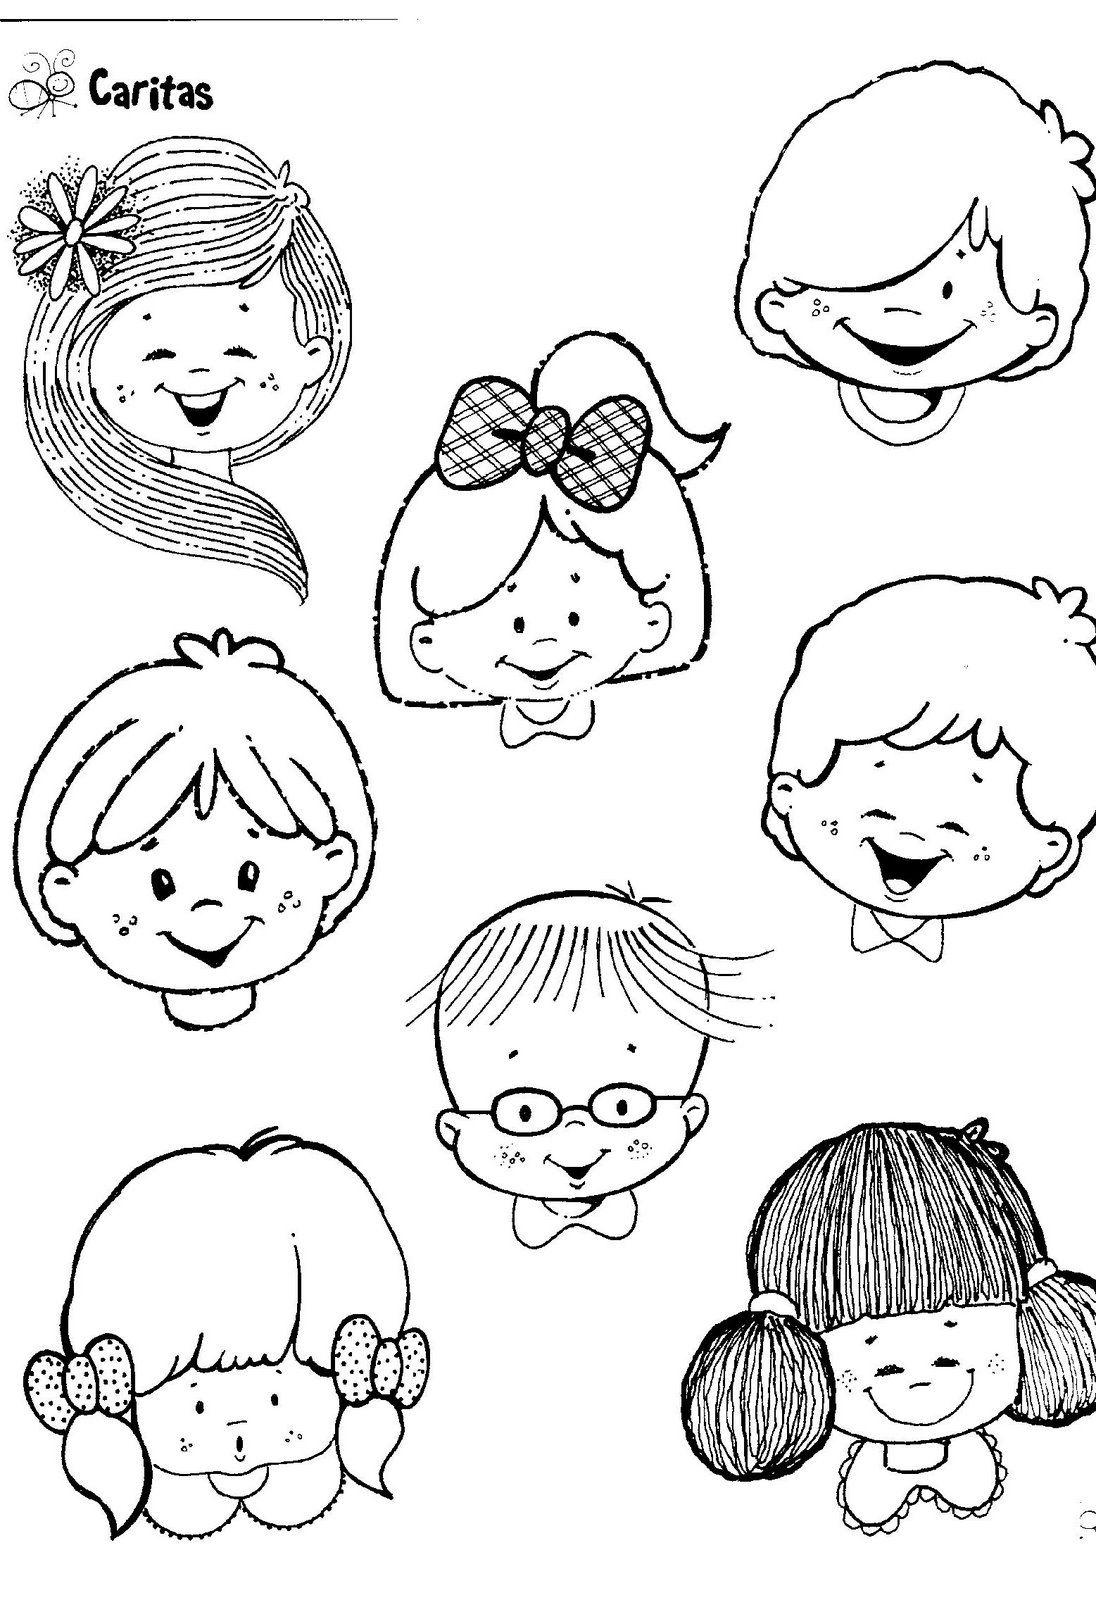 Fichas Infantiles Caritas Para Colorear E Imprimir Actividades